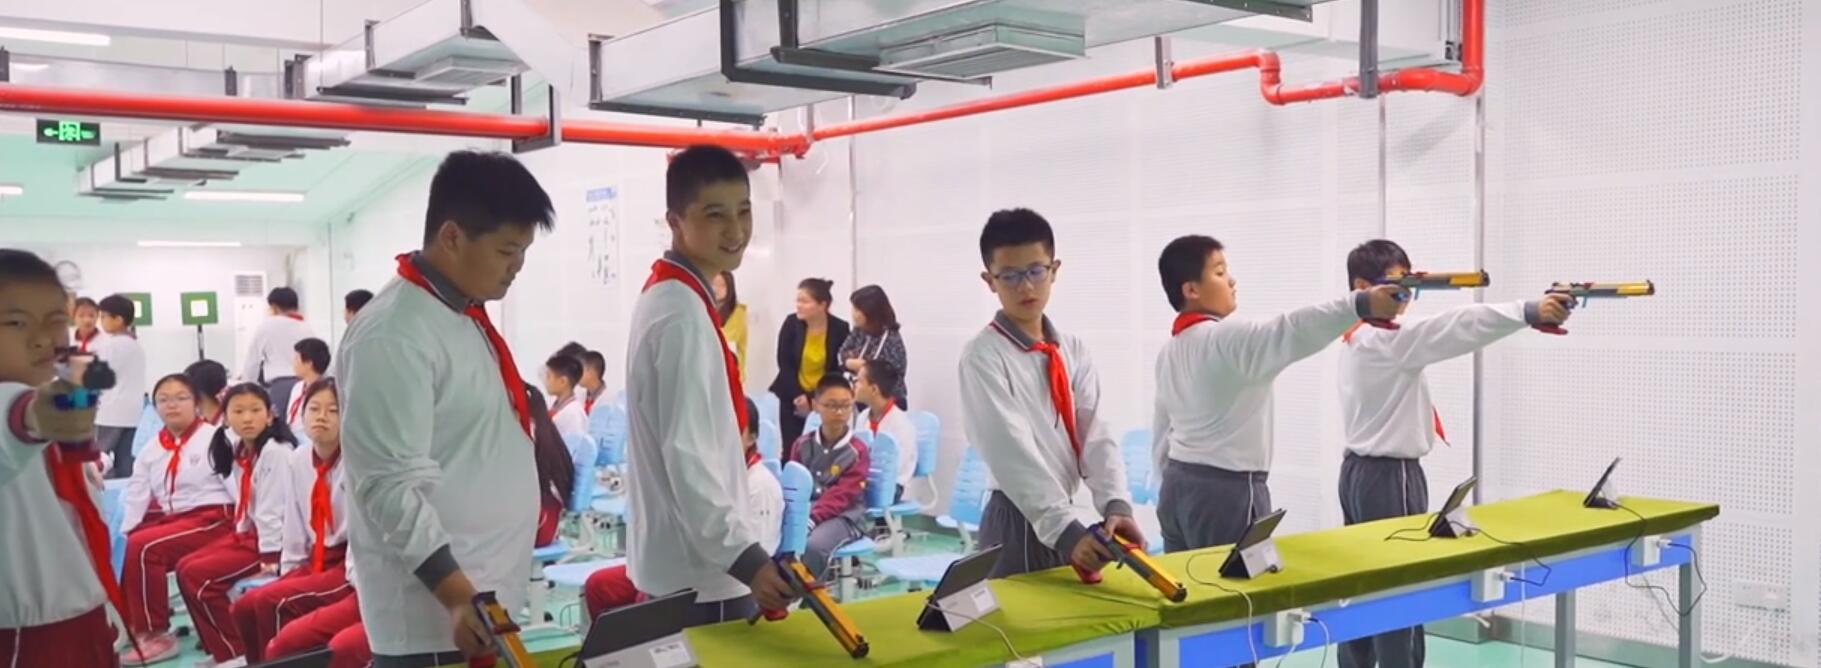 练习射击的孩子们。